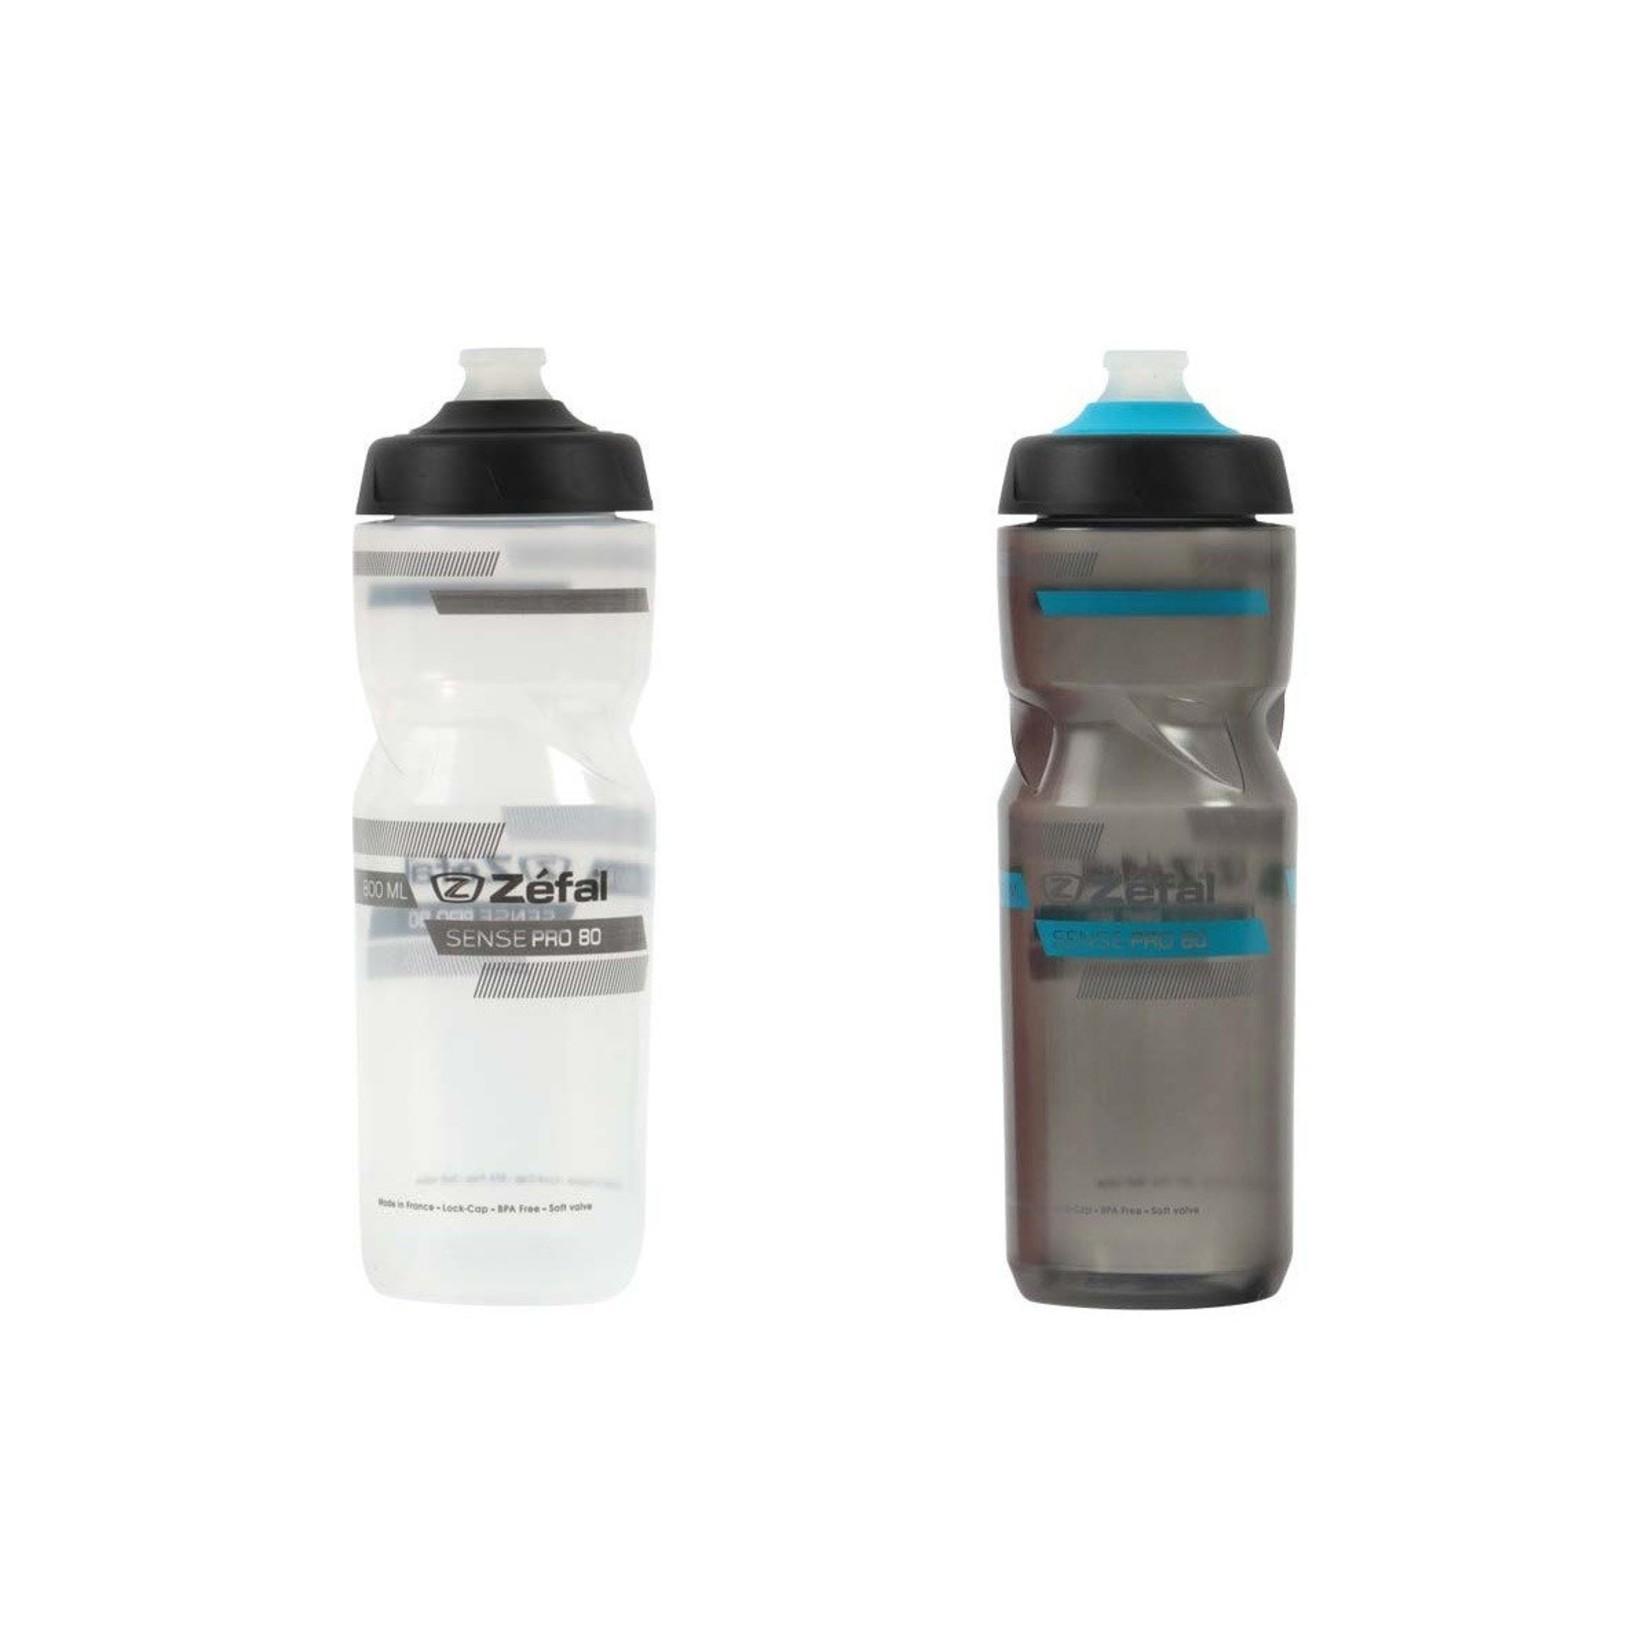 Zefal Zefal, Sense Pro 80 Water Bottle